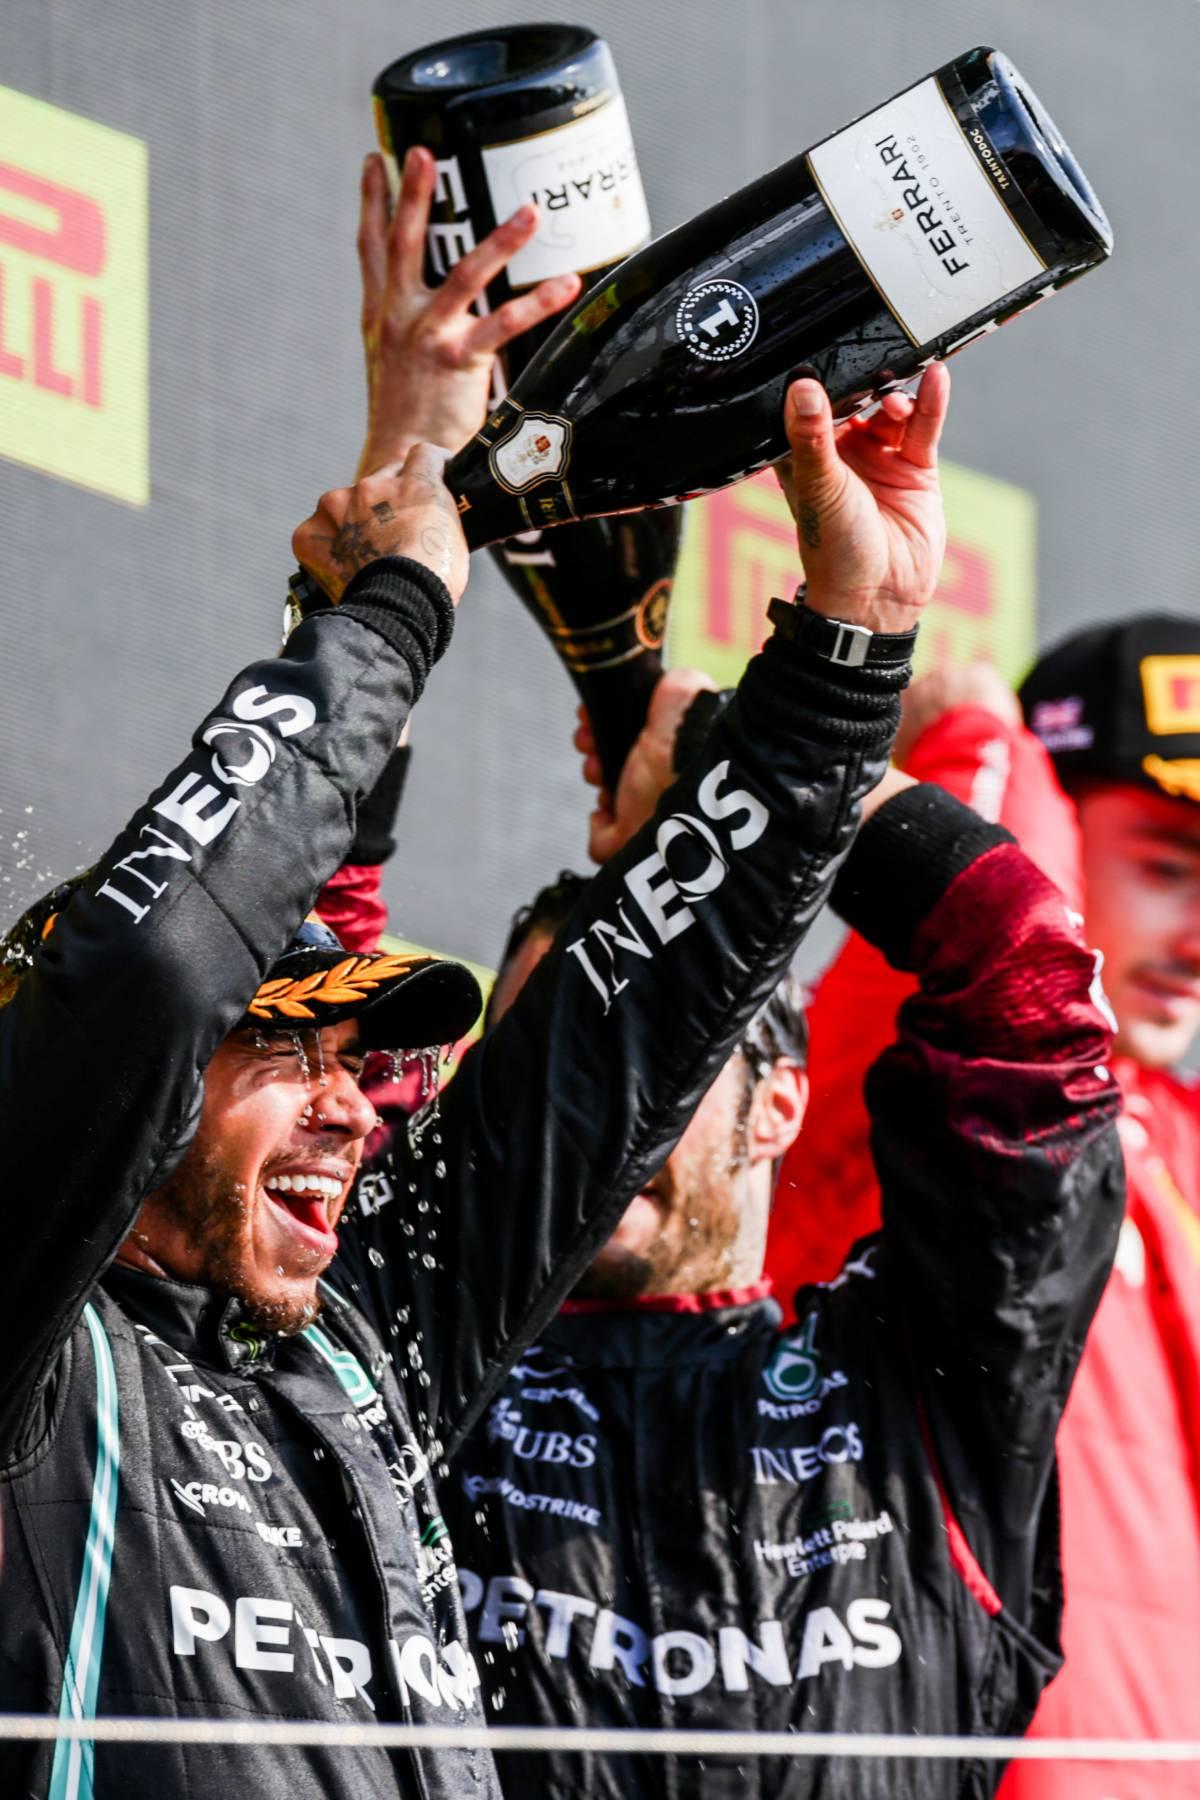 Insulti razzisti ad Hamilton dopo l'incidente con Verstappen